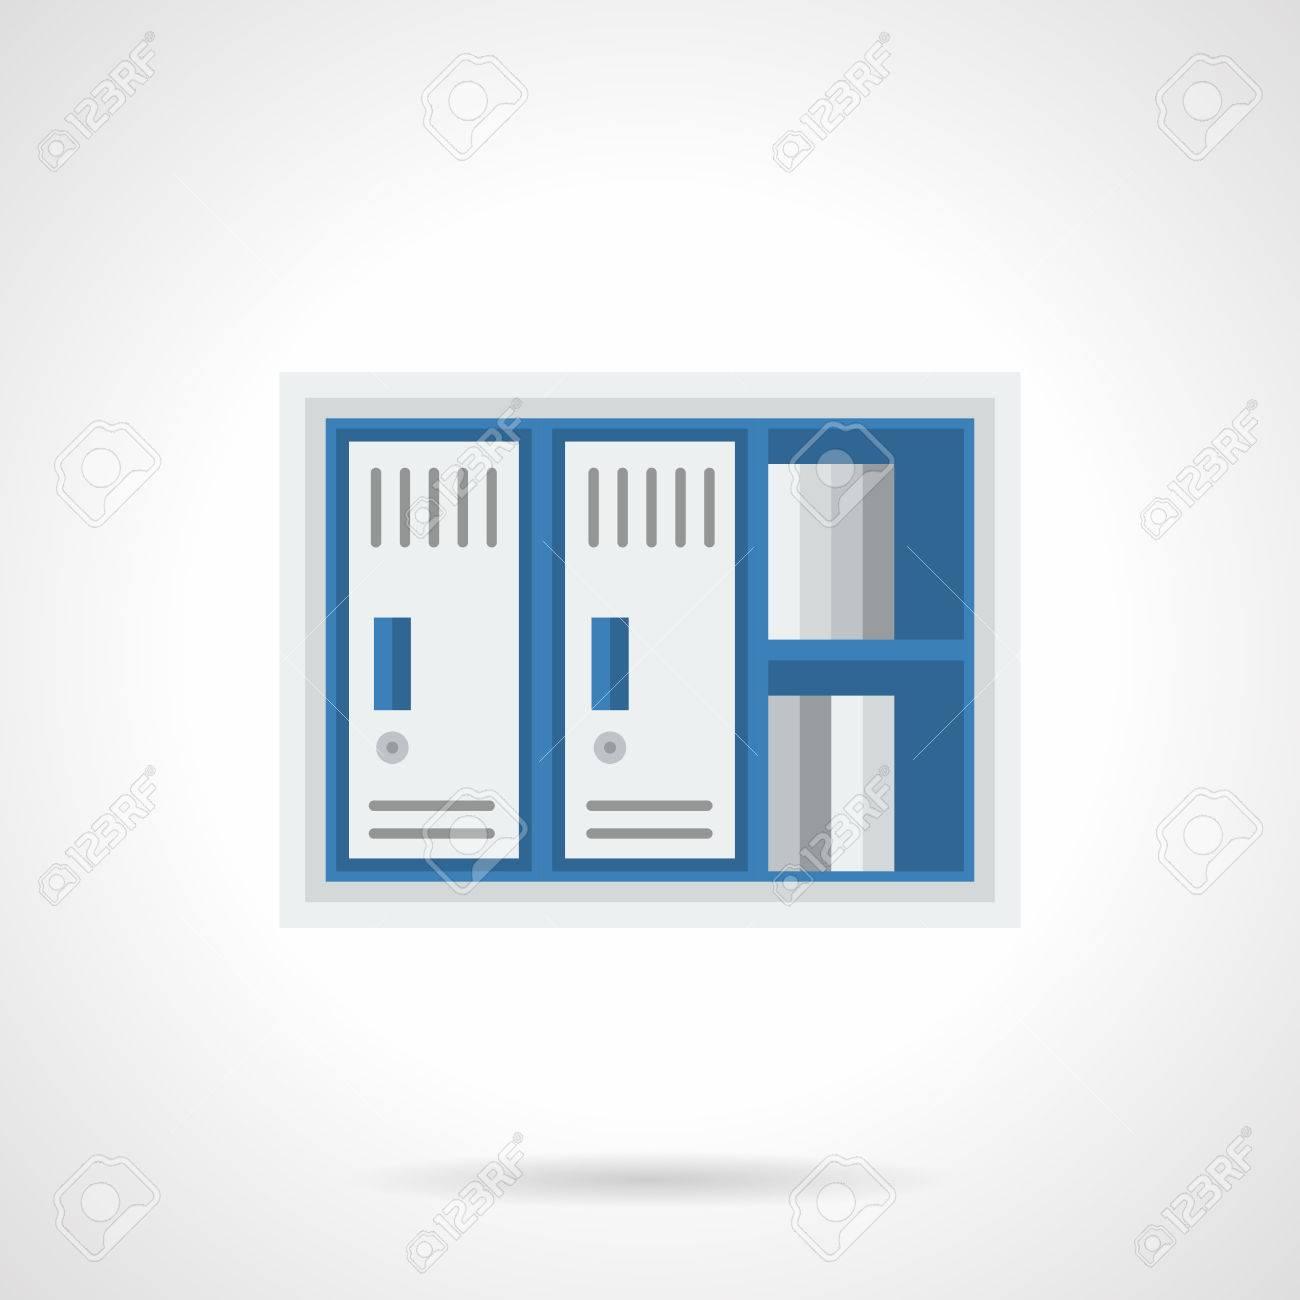 Blaue Und Graue Schrank Mit Regal Und Zwei Schranke Mobel Und